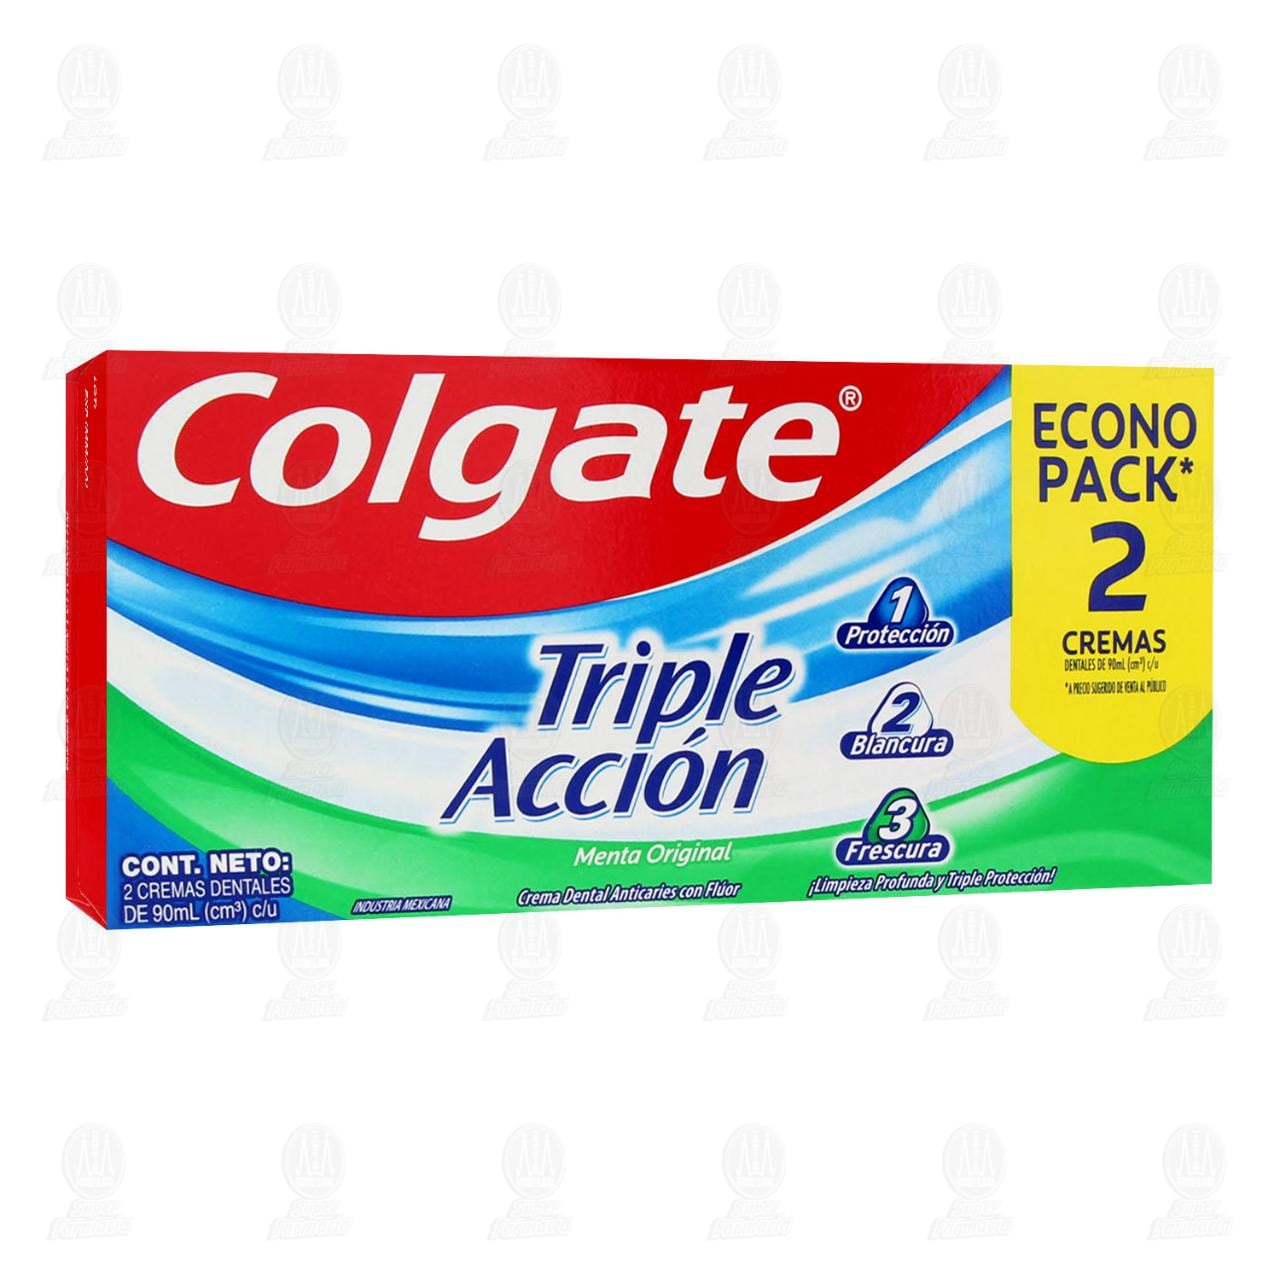 Comprar Pasta Dental Colgate Triple Acción, 90 ml 2 pzas. en Farmacias Guadalajara